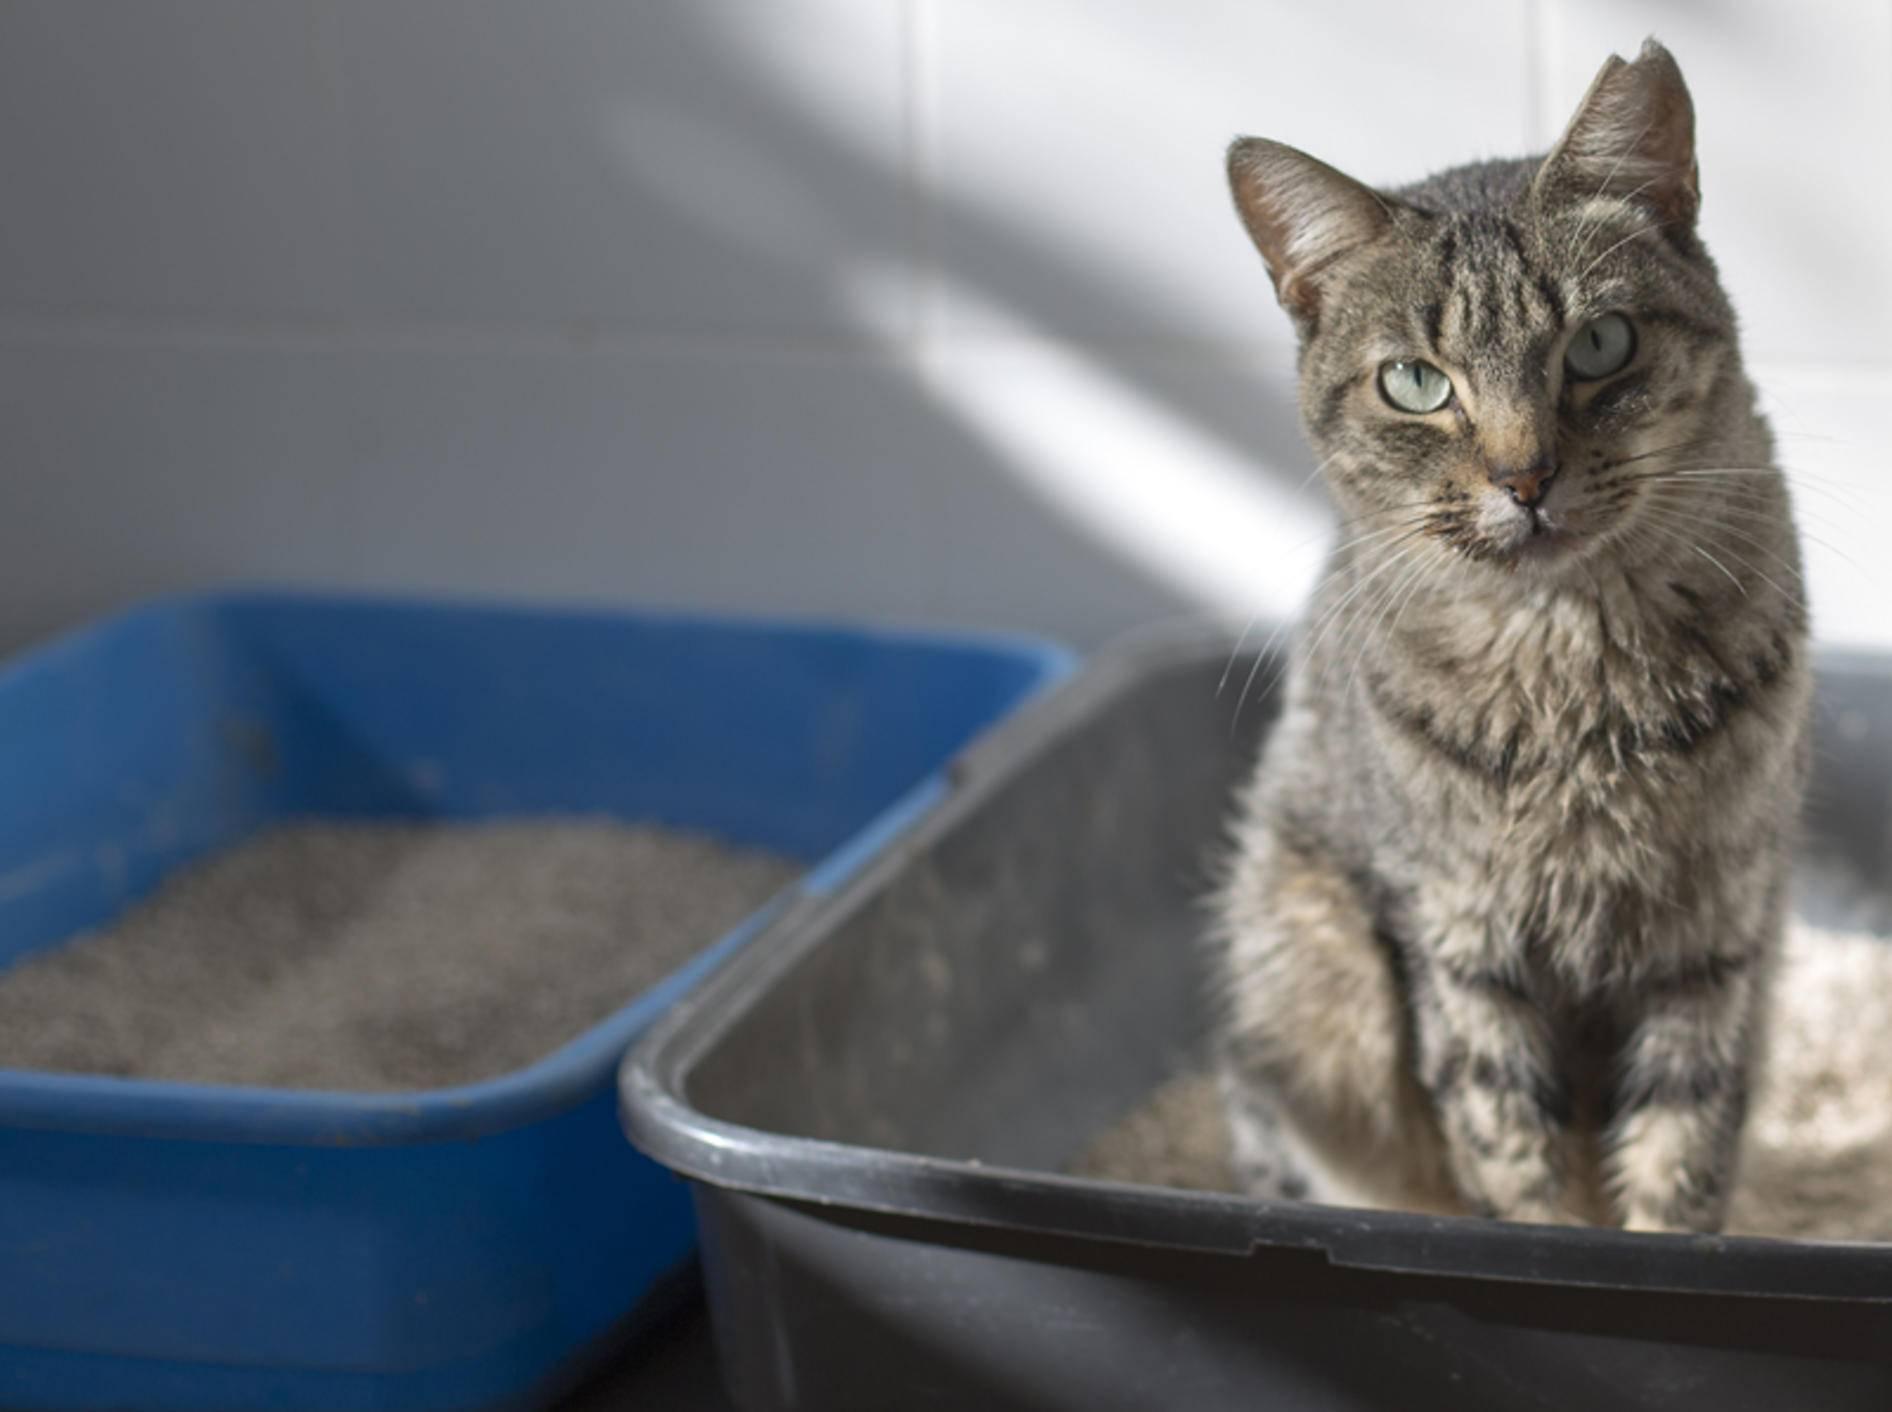 Wenn Katzen in ihrem Katzenklo nicht nur ihr Geschäft verrichten, sondern darin schlafen, sollten Sie zum Tierarzt gehen – Shutterstock / Davynia